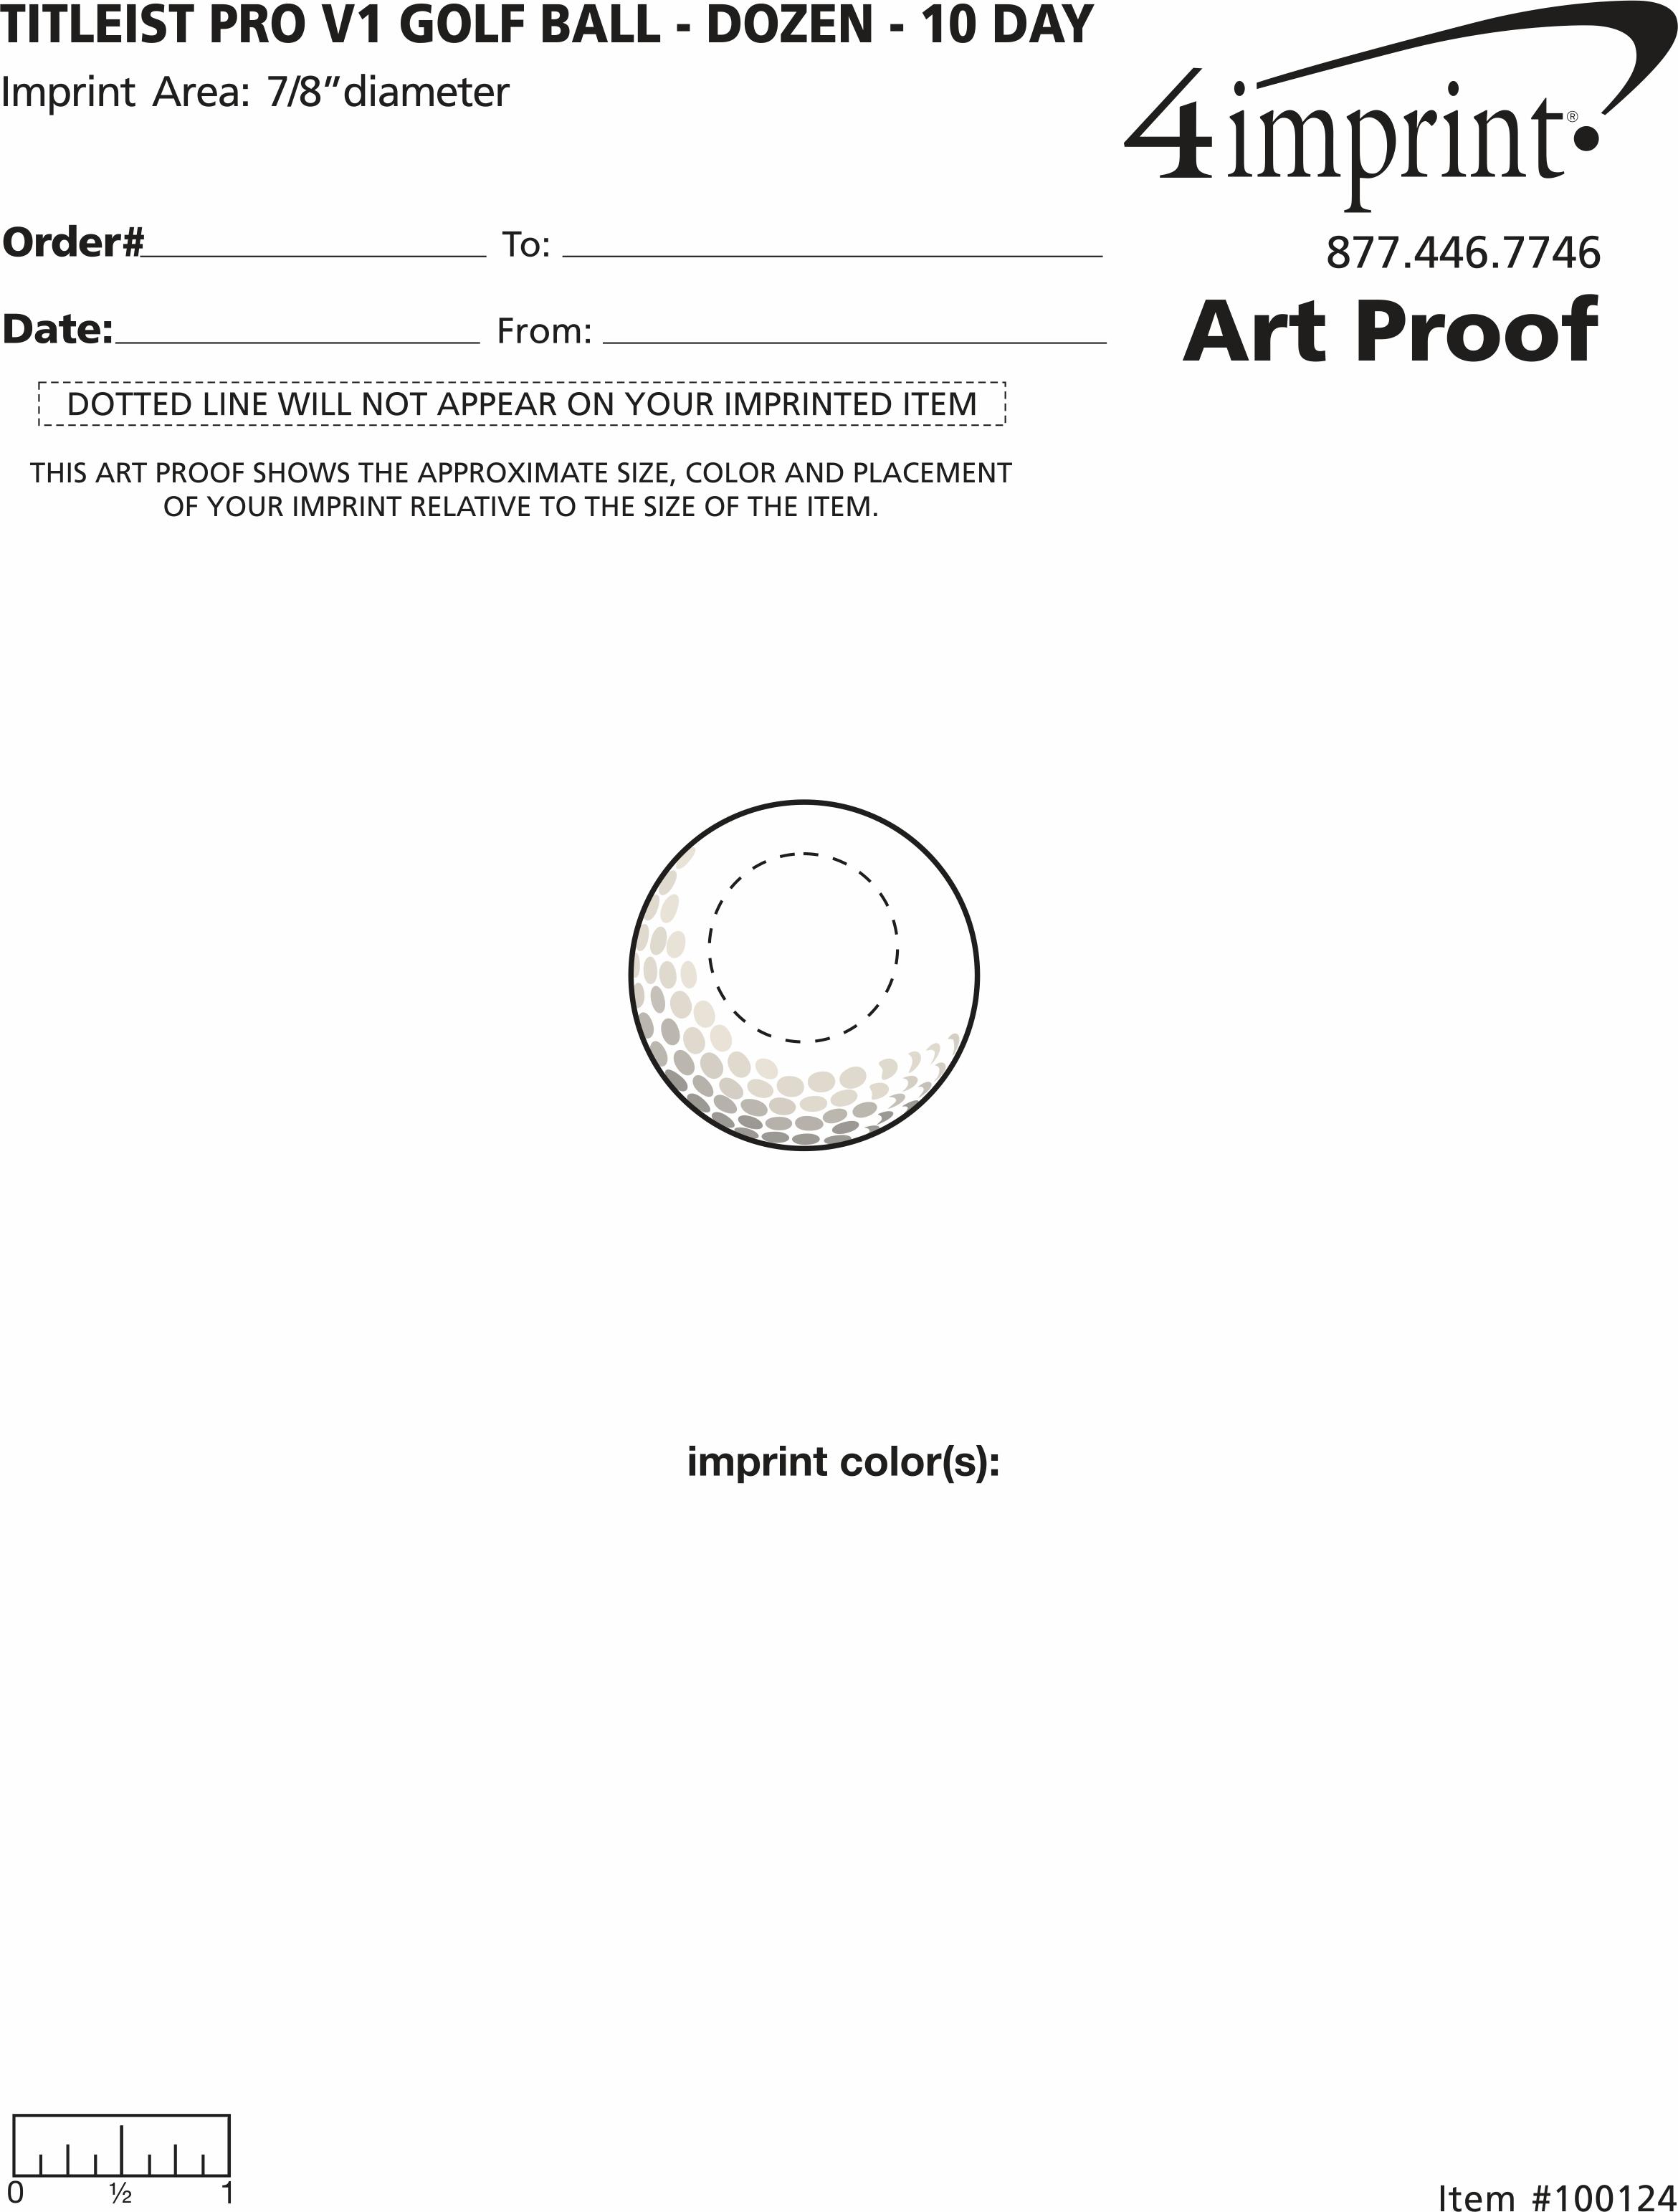 Imprint Area of Titleist Pro V1 Golf Ball - Dozen - Factory Direct